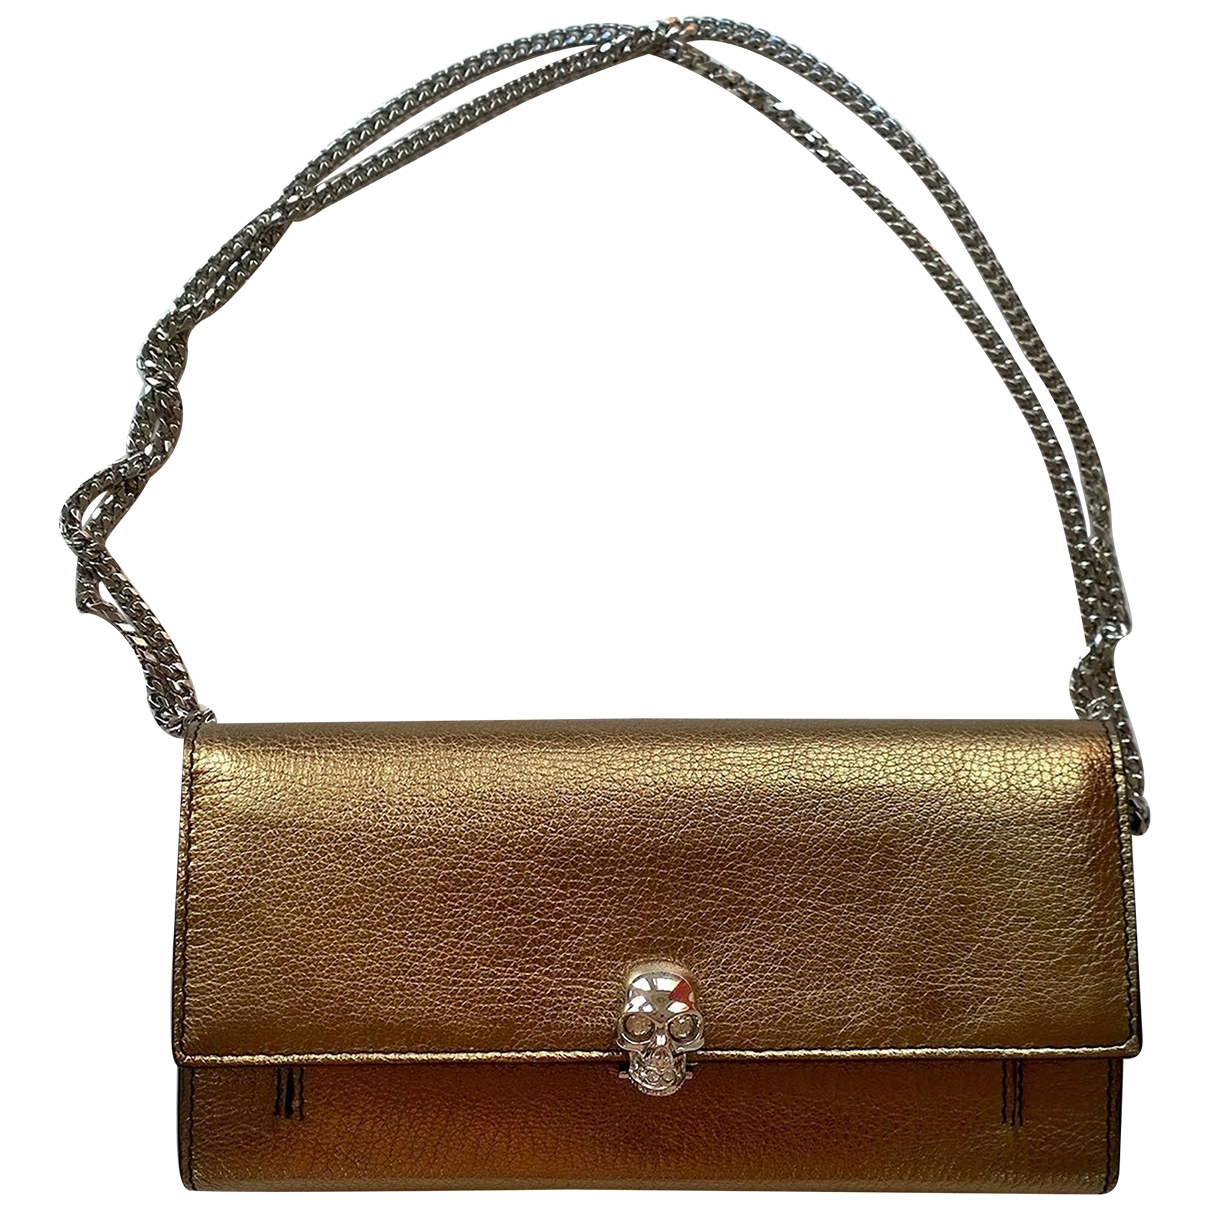 Alexander Mcqueen \N Metallic Leather handbag for Women \N